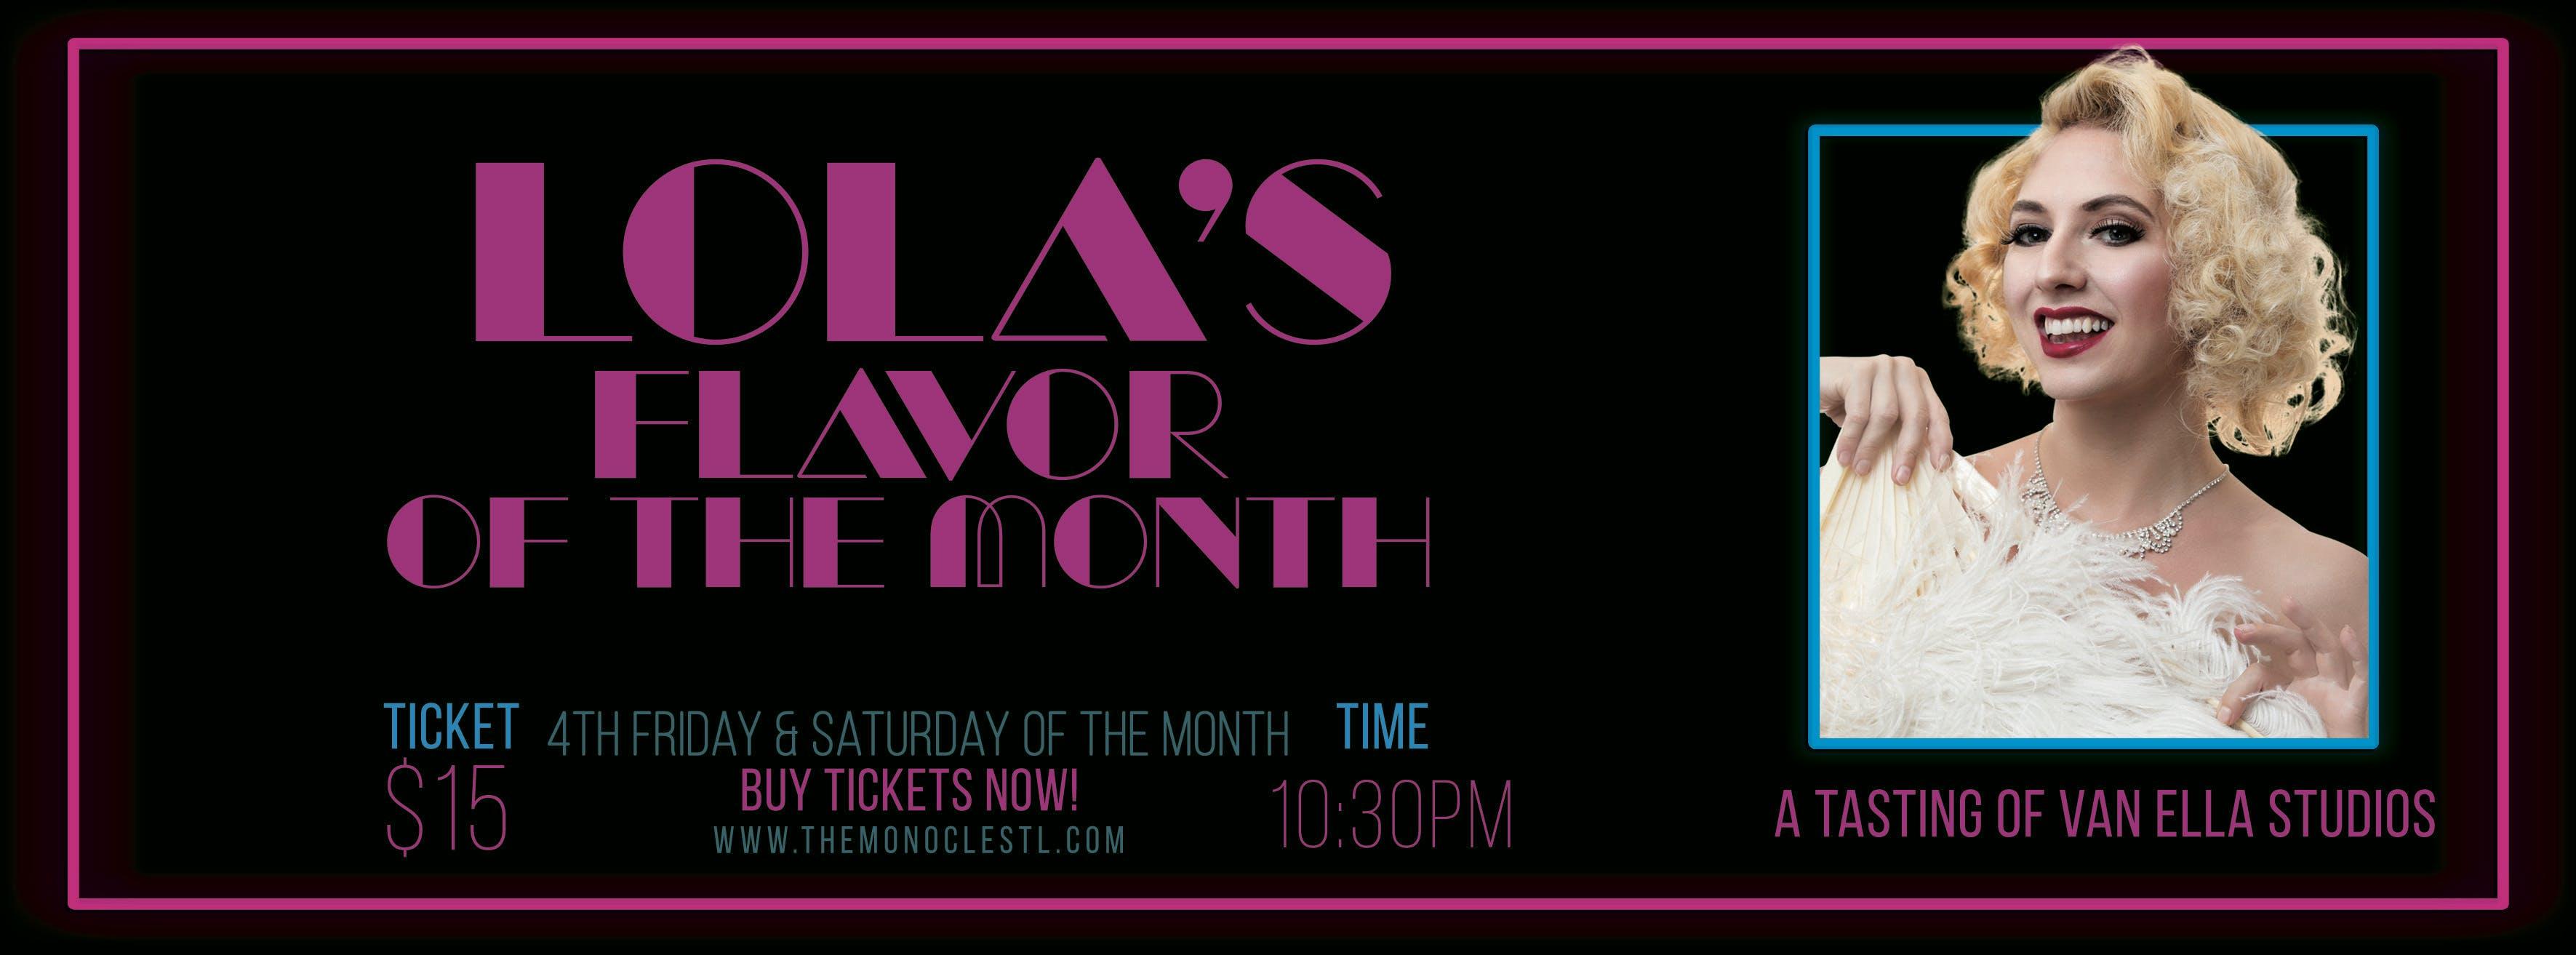 Lola Van Ella's Flavor of the Month Burlesque